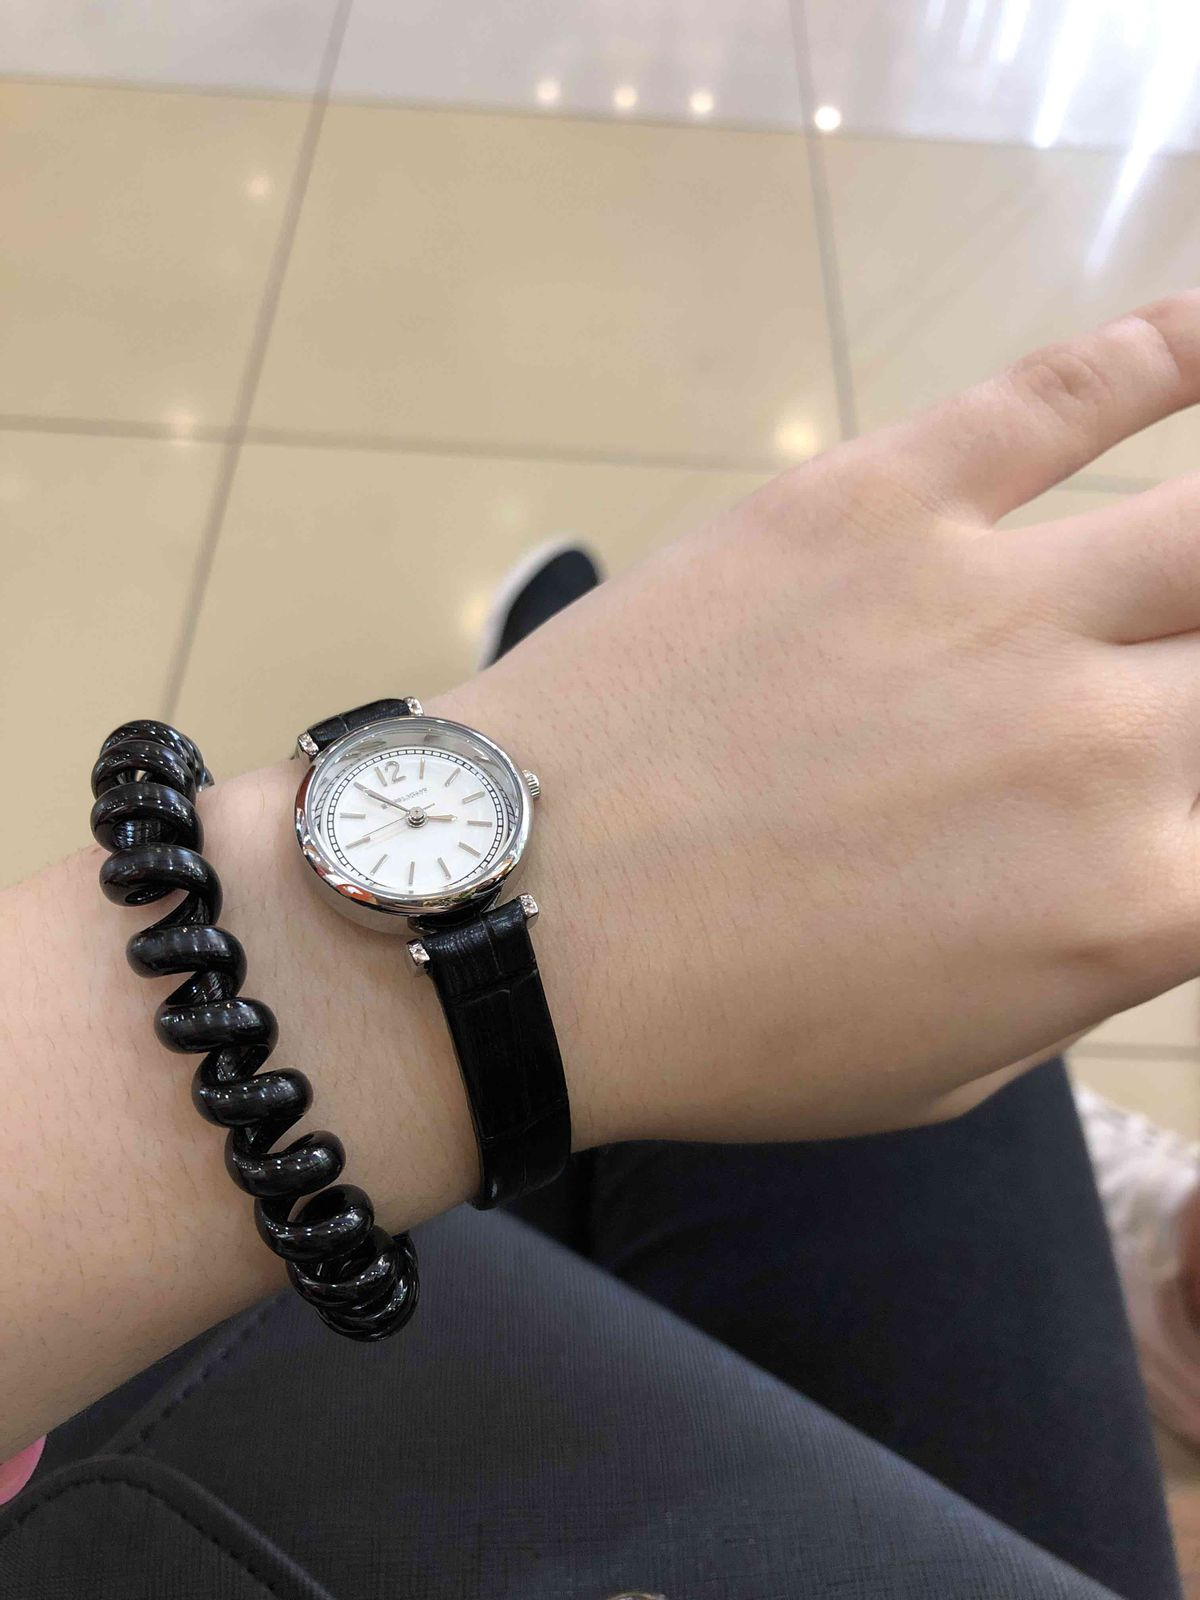 Красивые часы,хорошо смотрятся